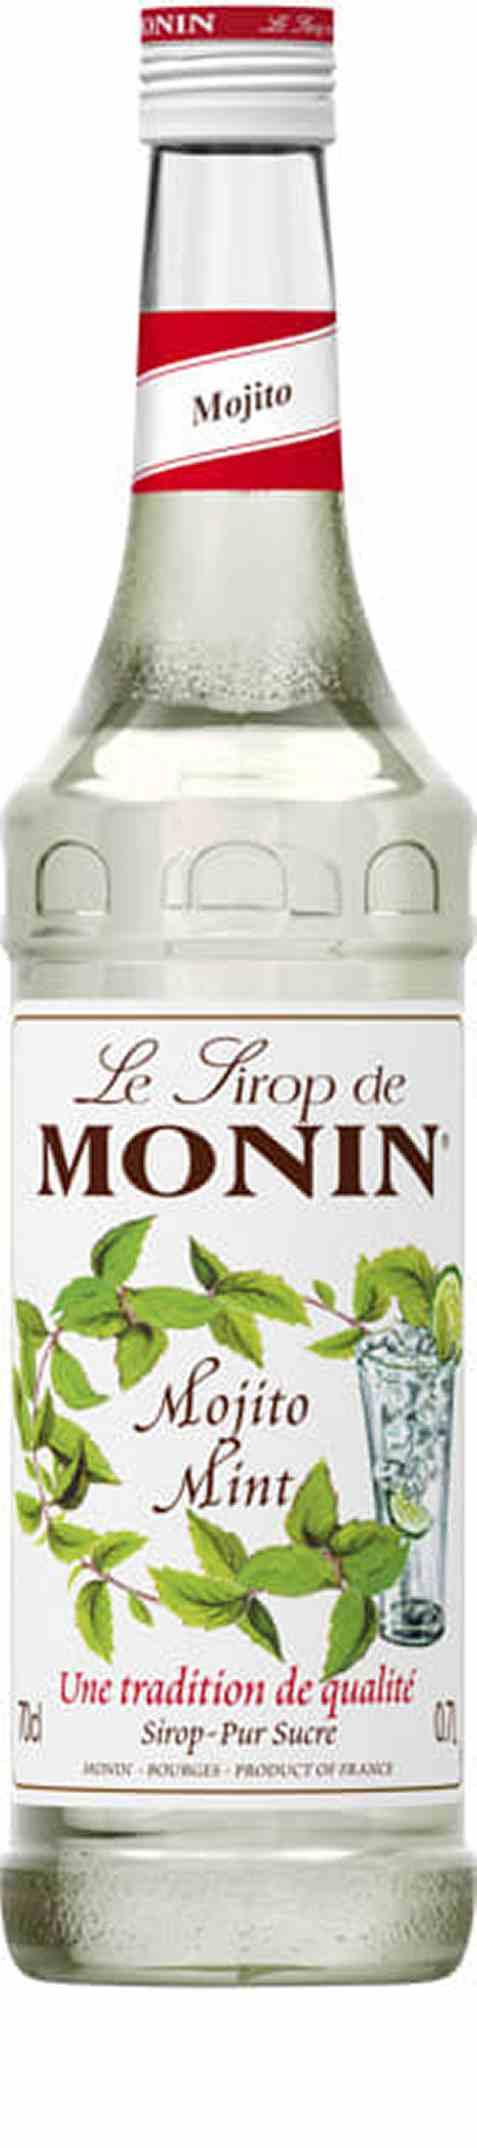 Bilde av Monin mojito mint syrup.